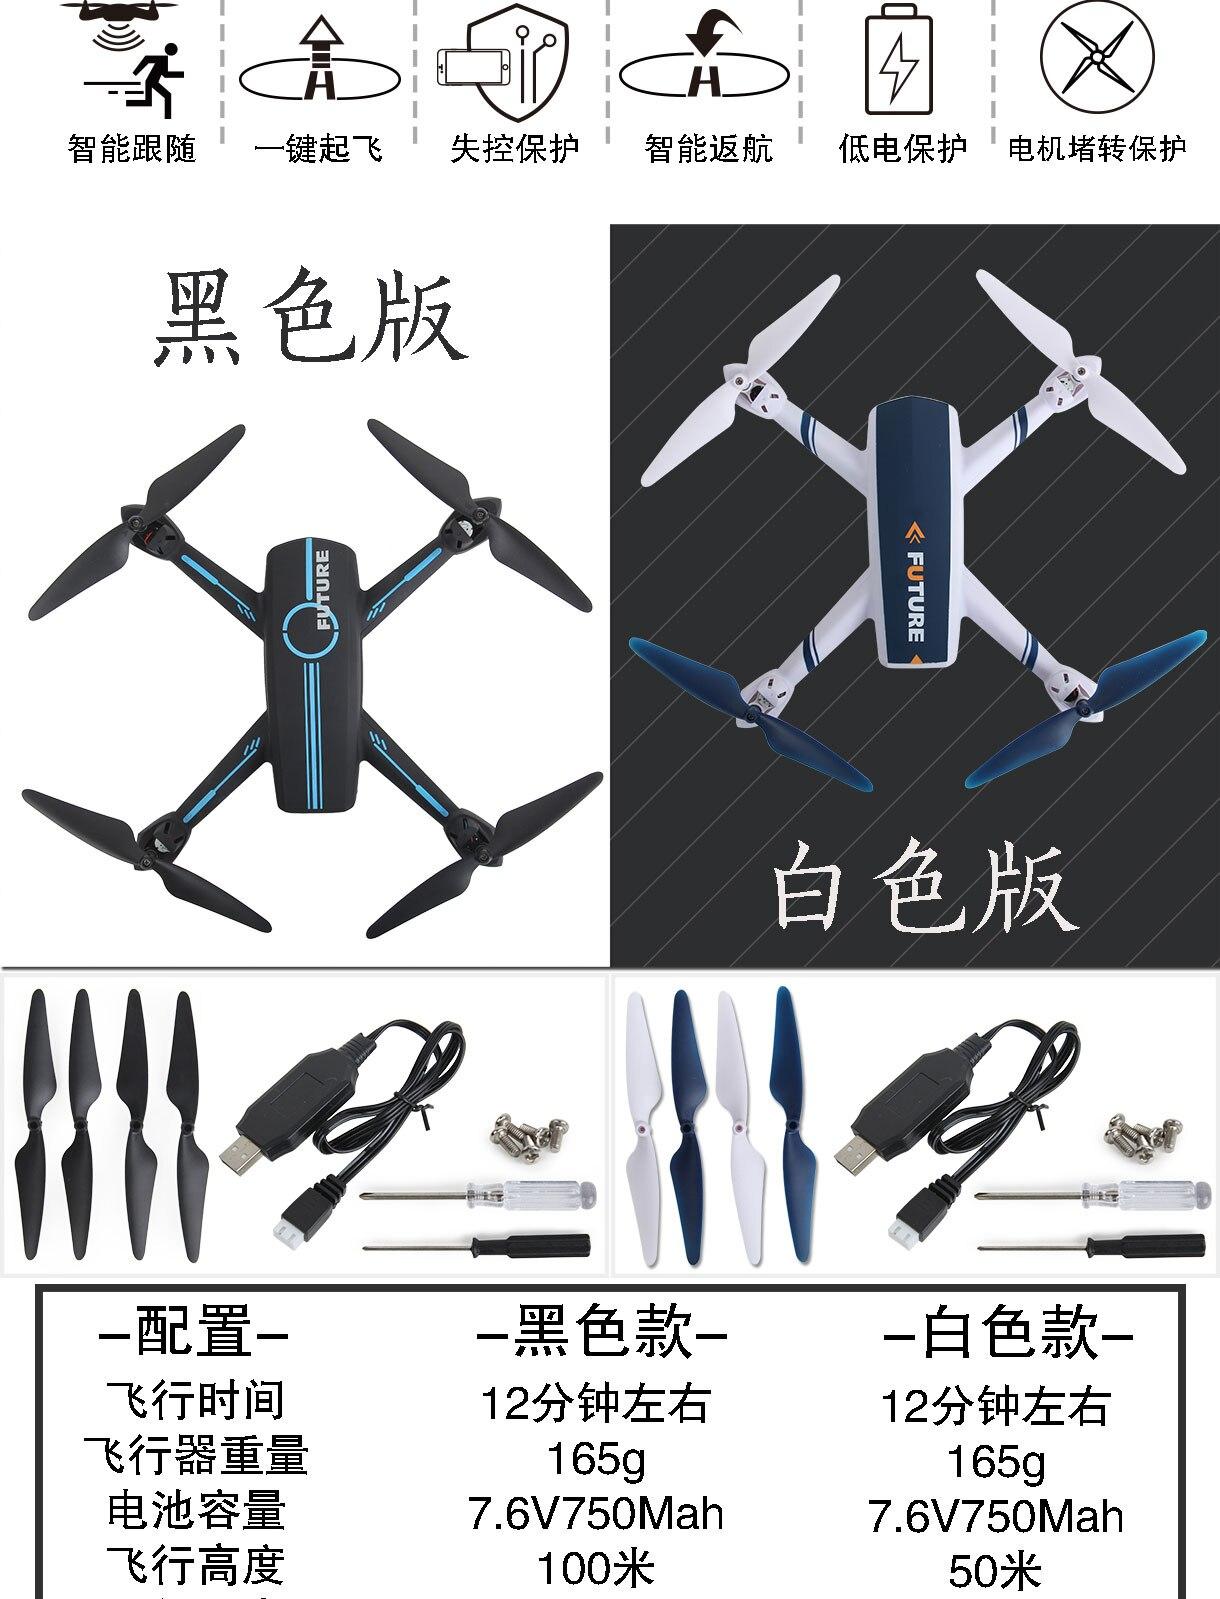 WIFI FPV RC Drone GPS Point d'exploitation Drone 528 RC quadrirotor Full HD 720P caméra une clé décollage/atterrissage/arrêt vol Stable - 5